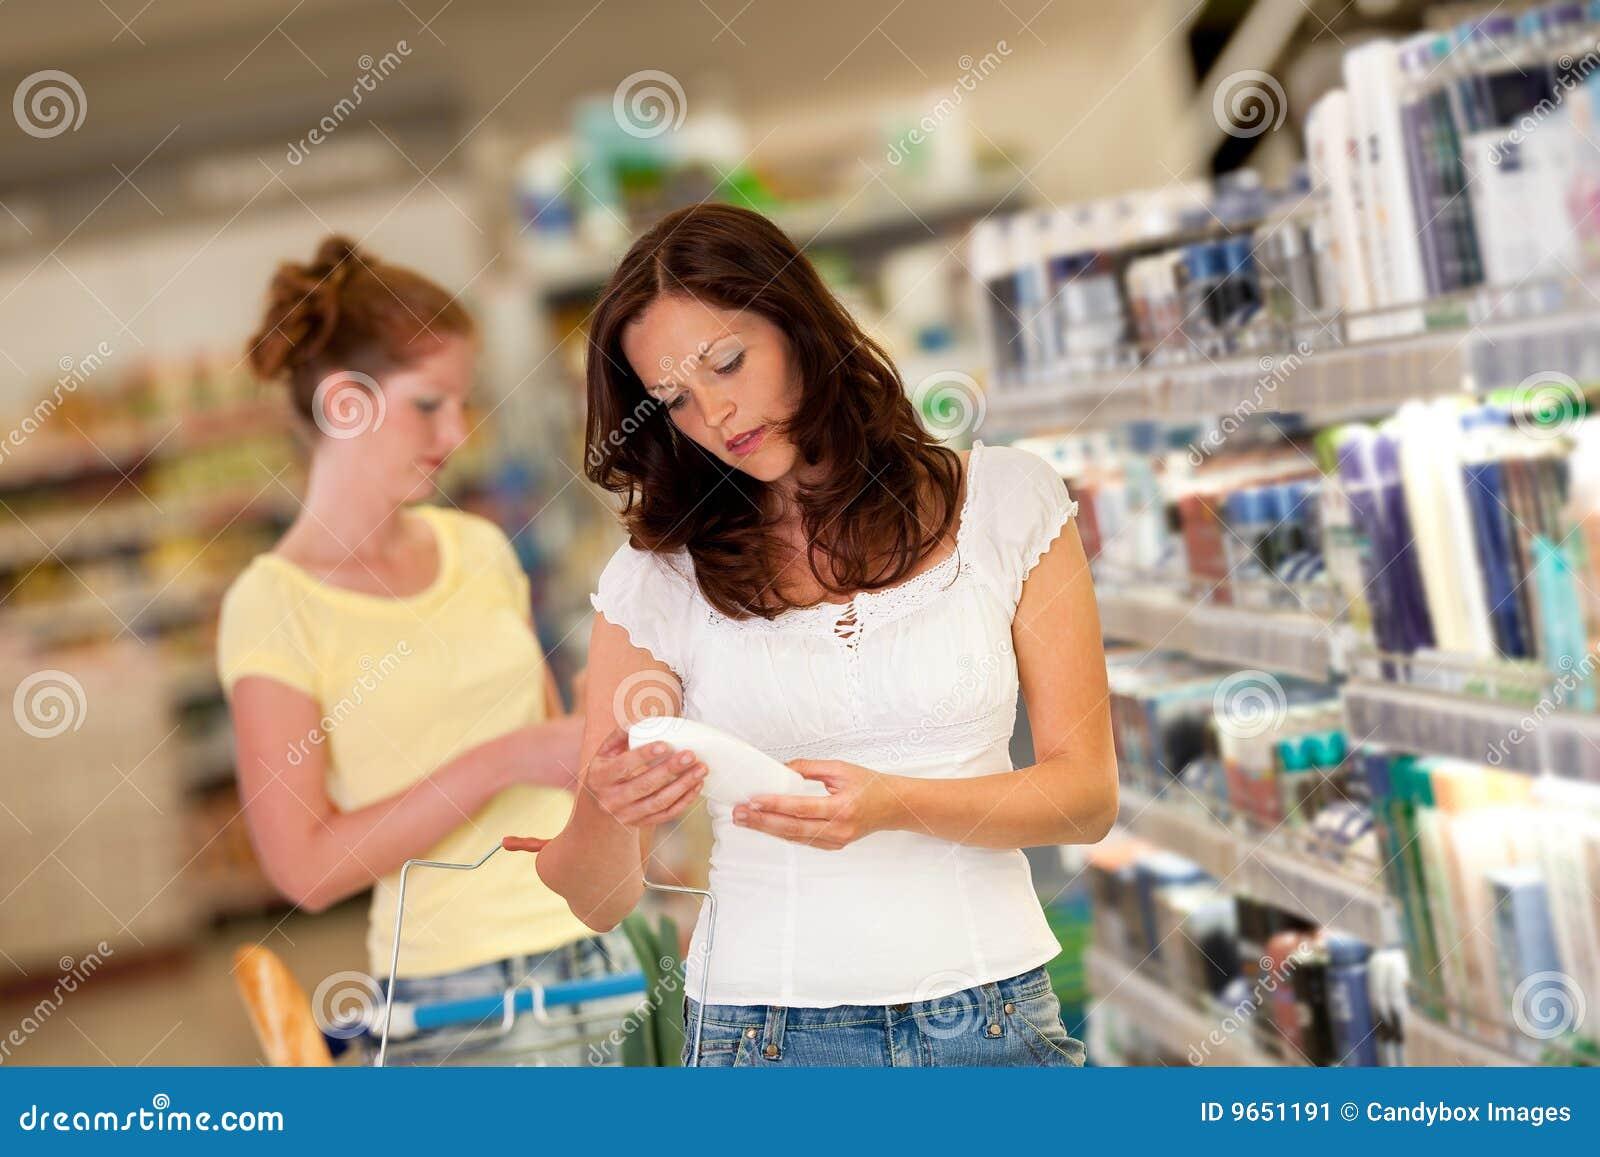 Serie de las compras - mujer en un supermercado